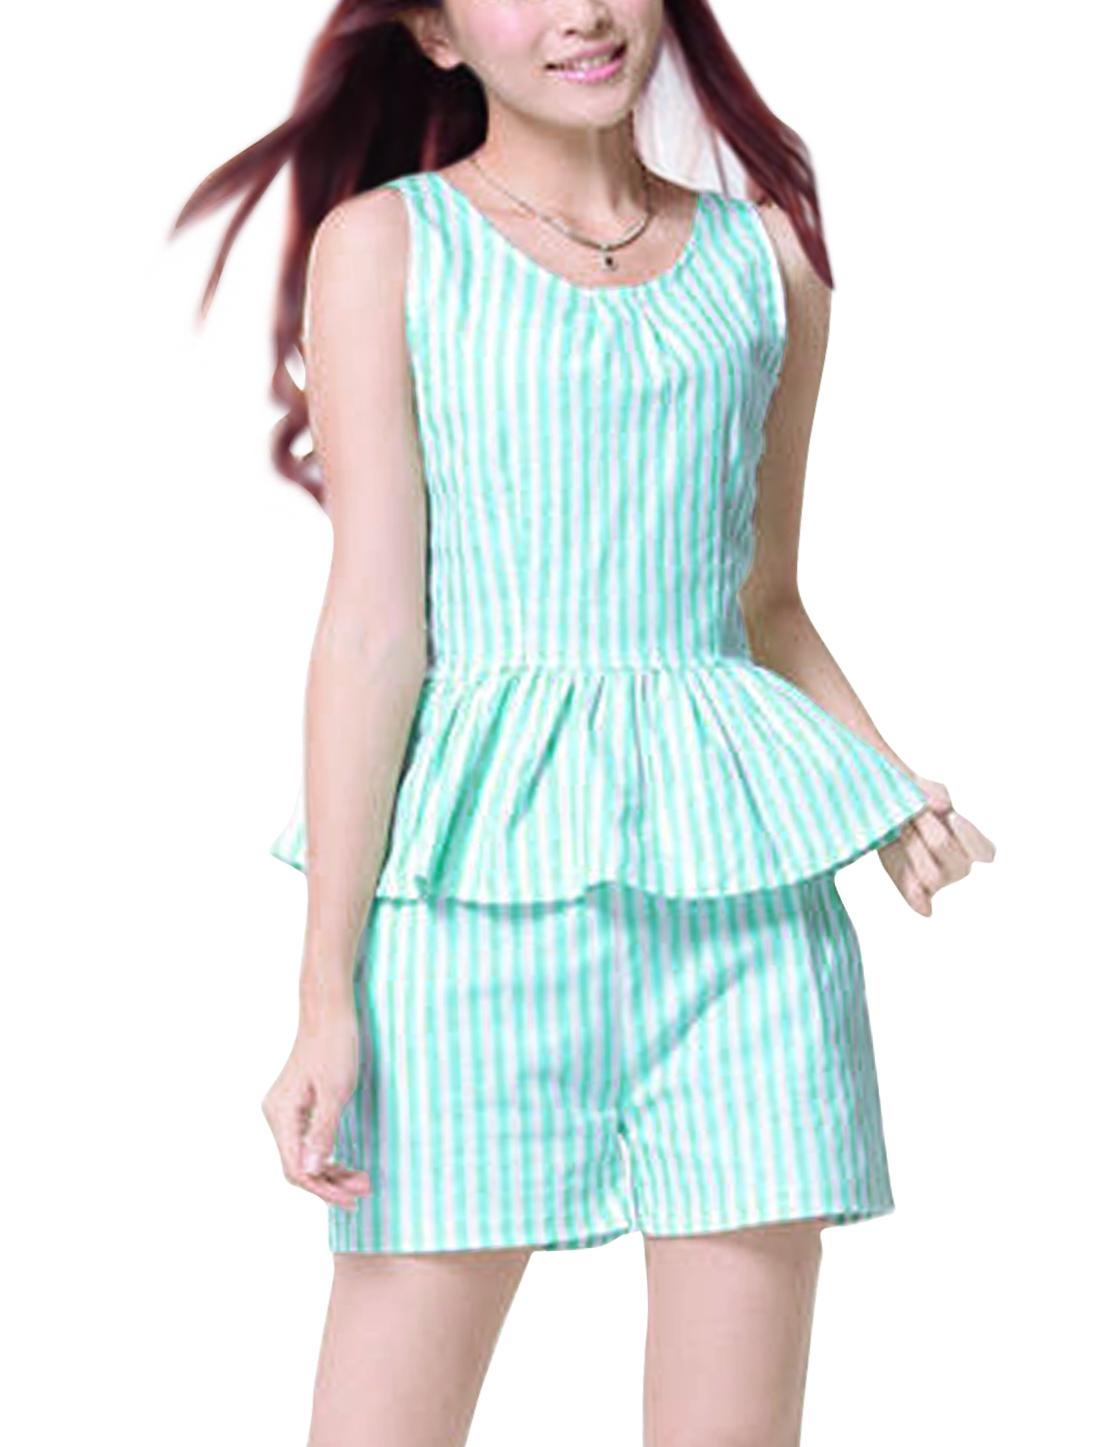 Mint XS Two Tone Color Block Shorts w Asymmetric Neck Style Women Tank Top